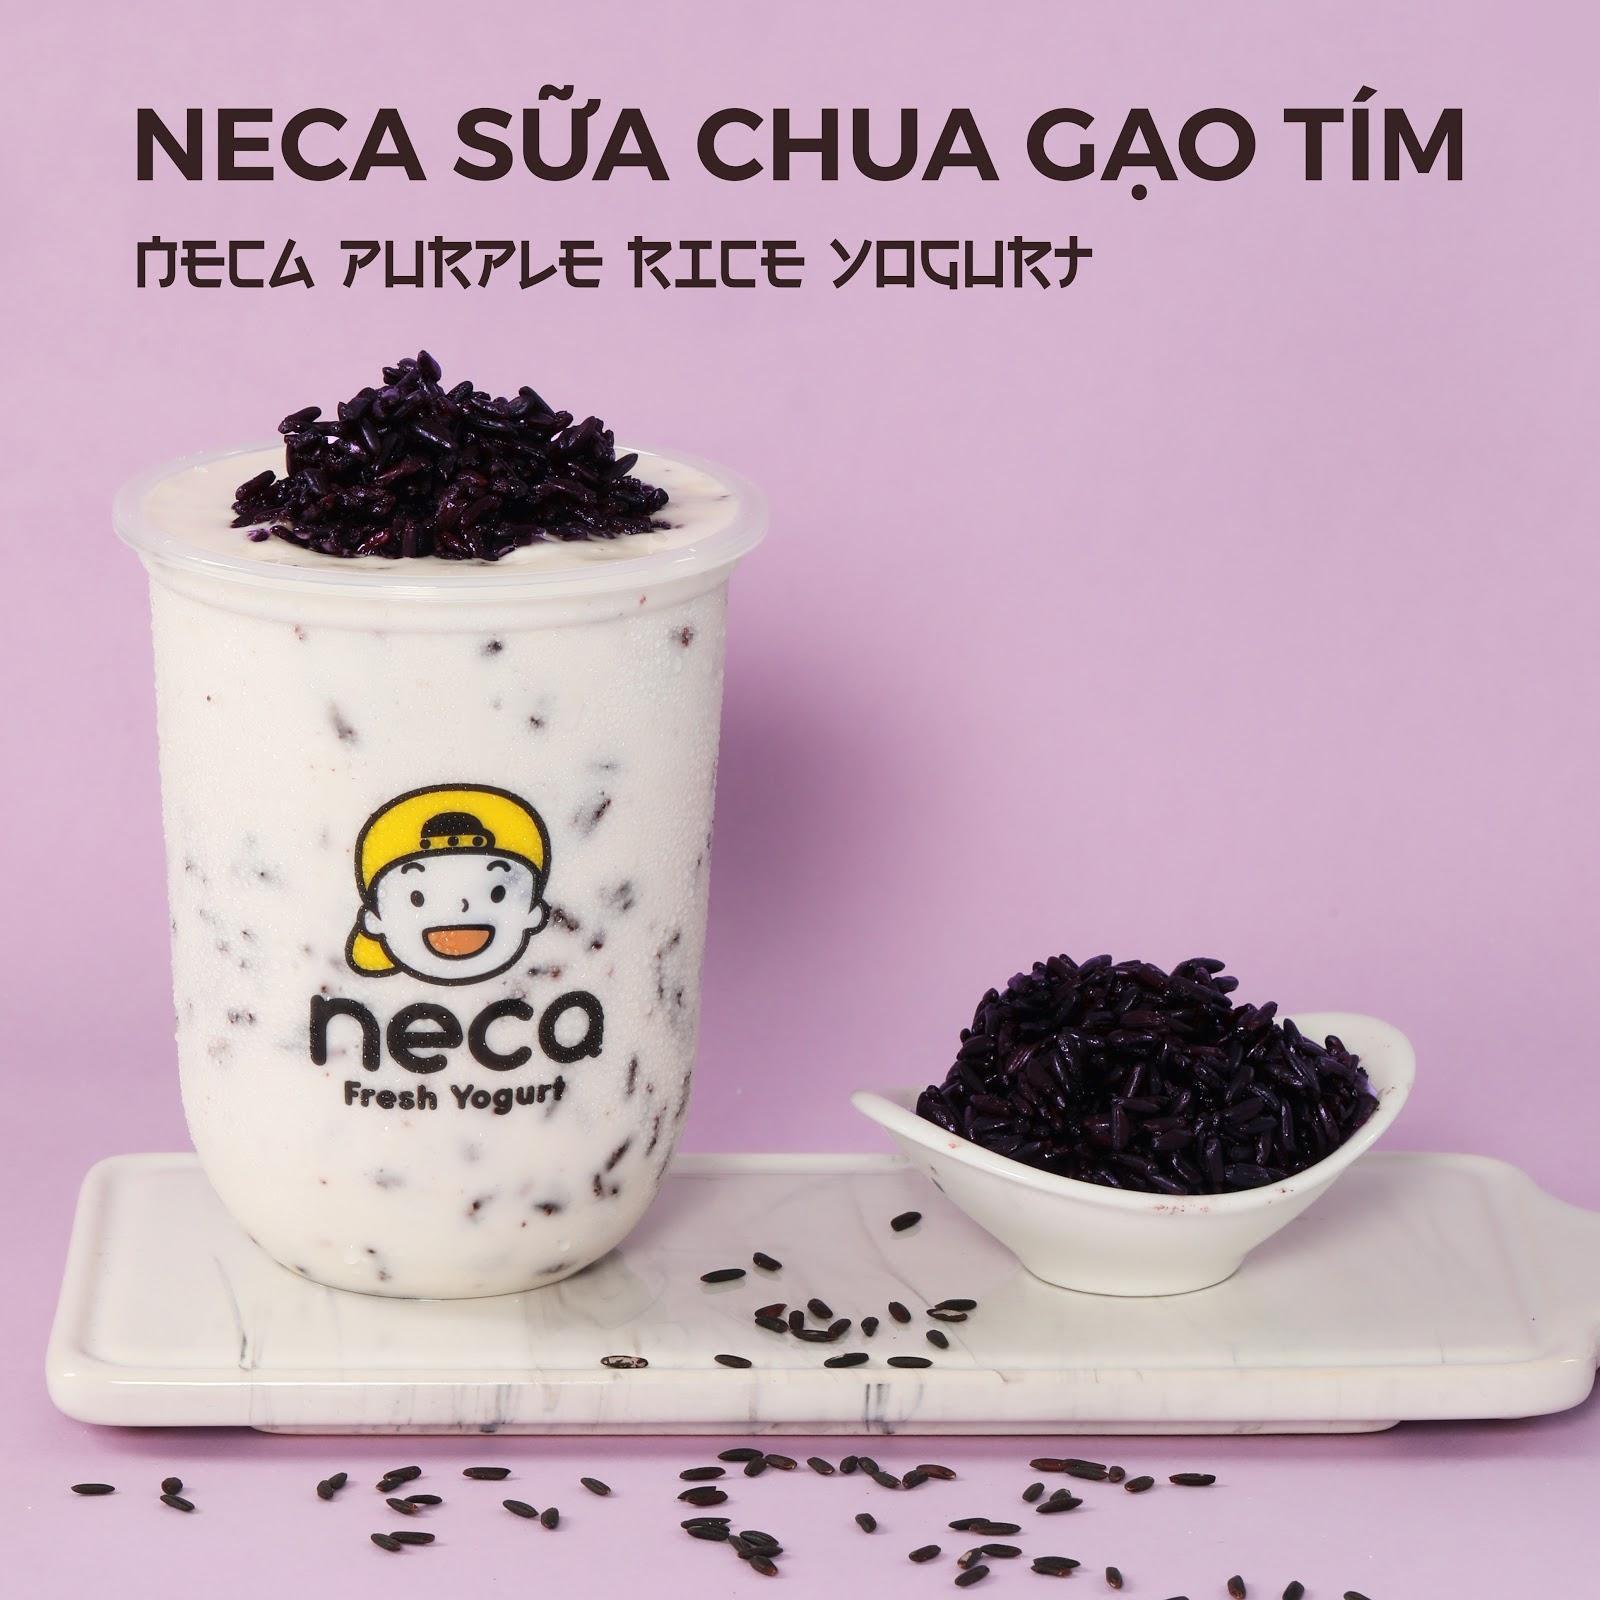 Món đồ uống cực hot ở nước ngoài sắp du nhập về Việt Nam, bạn đã sẵn sàng chưa? - Ảnh 6.